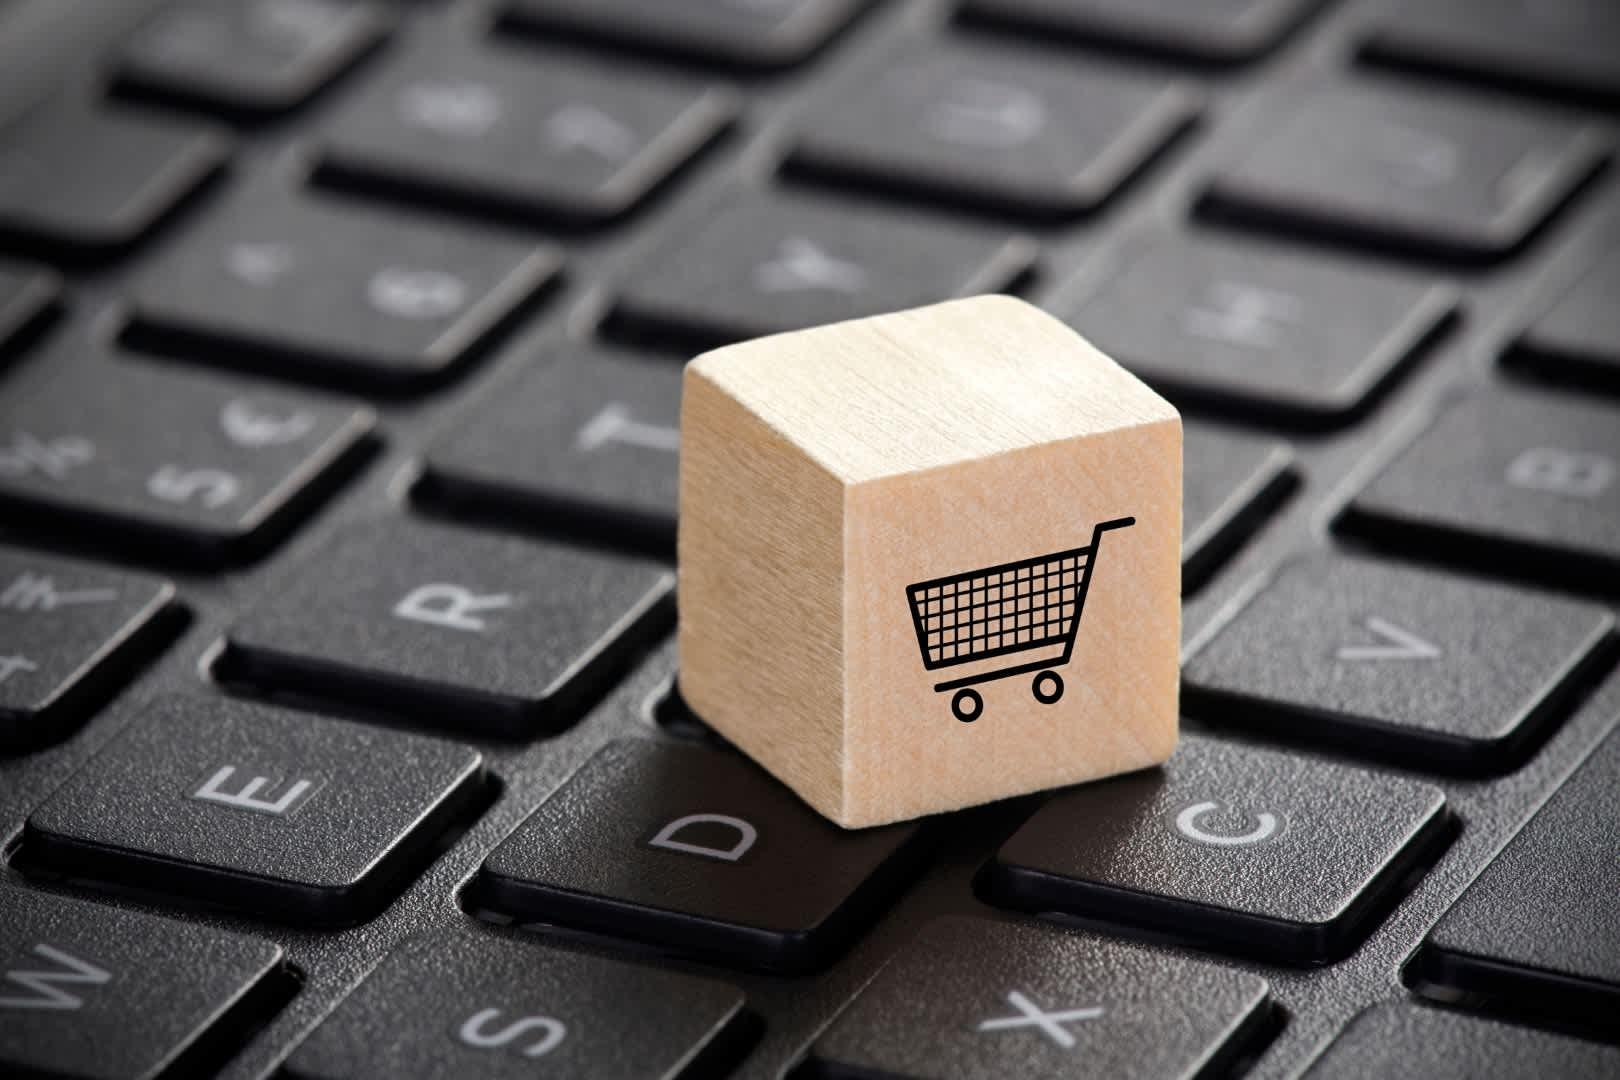 Venta online de diferentes productos